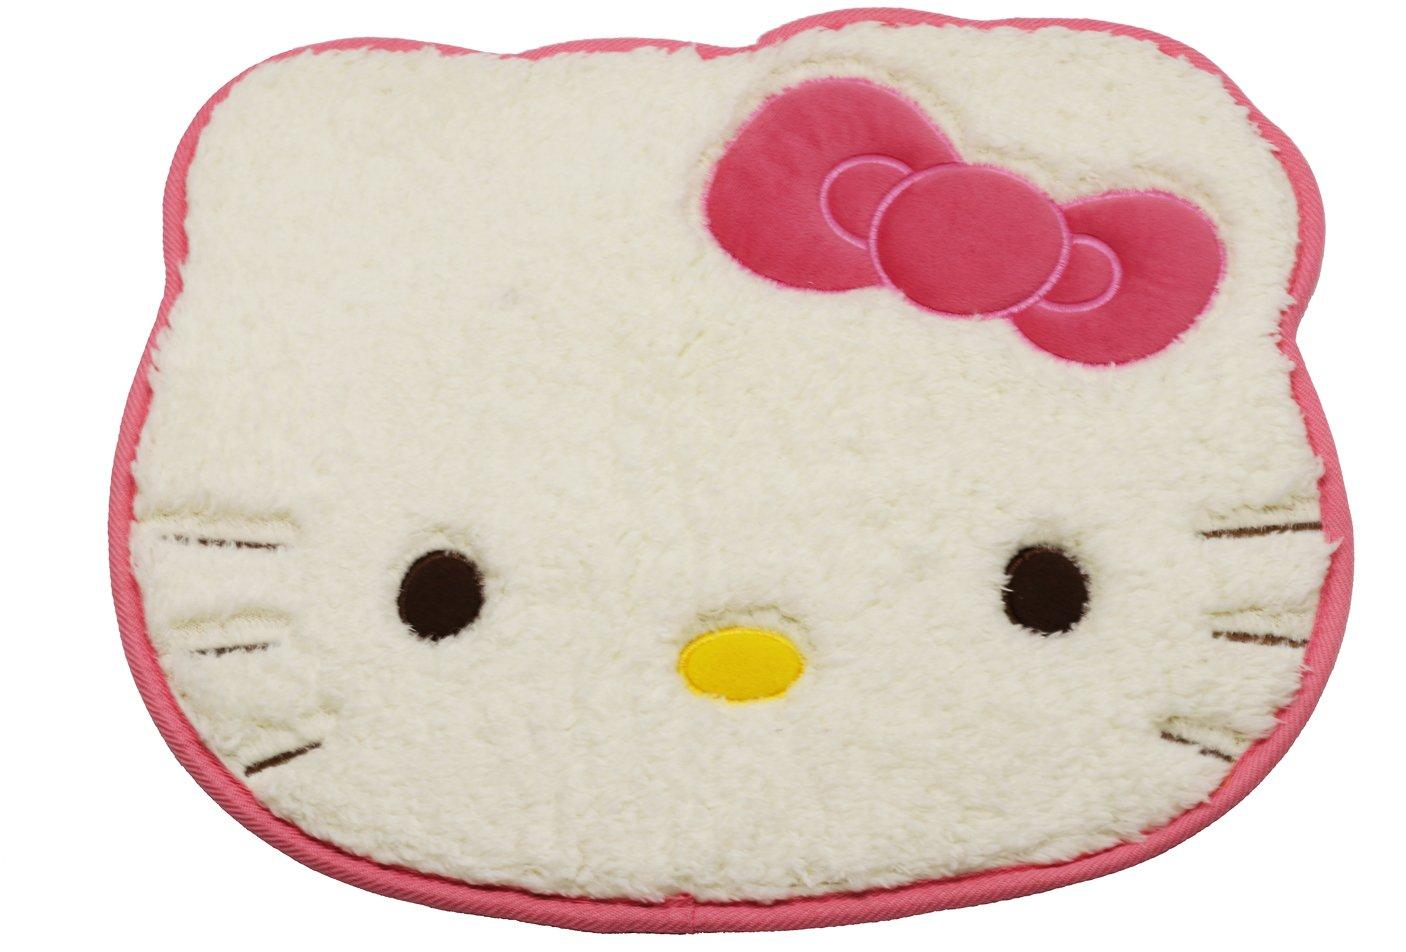 Cute Hello Kitty Door Mat Kitchen Bathroom Mat Carpet Bath Mats for home decoration Bowz wowz 1